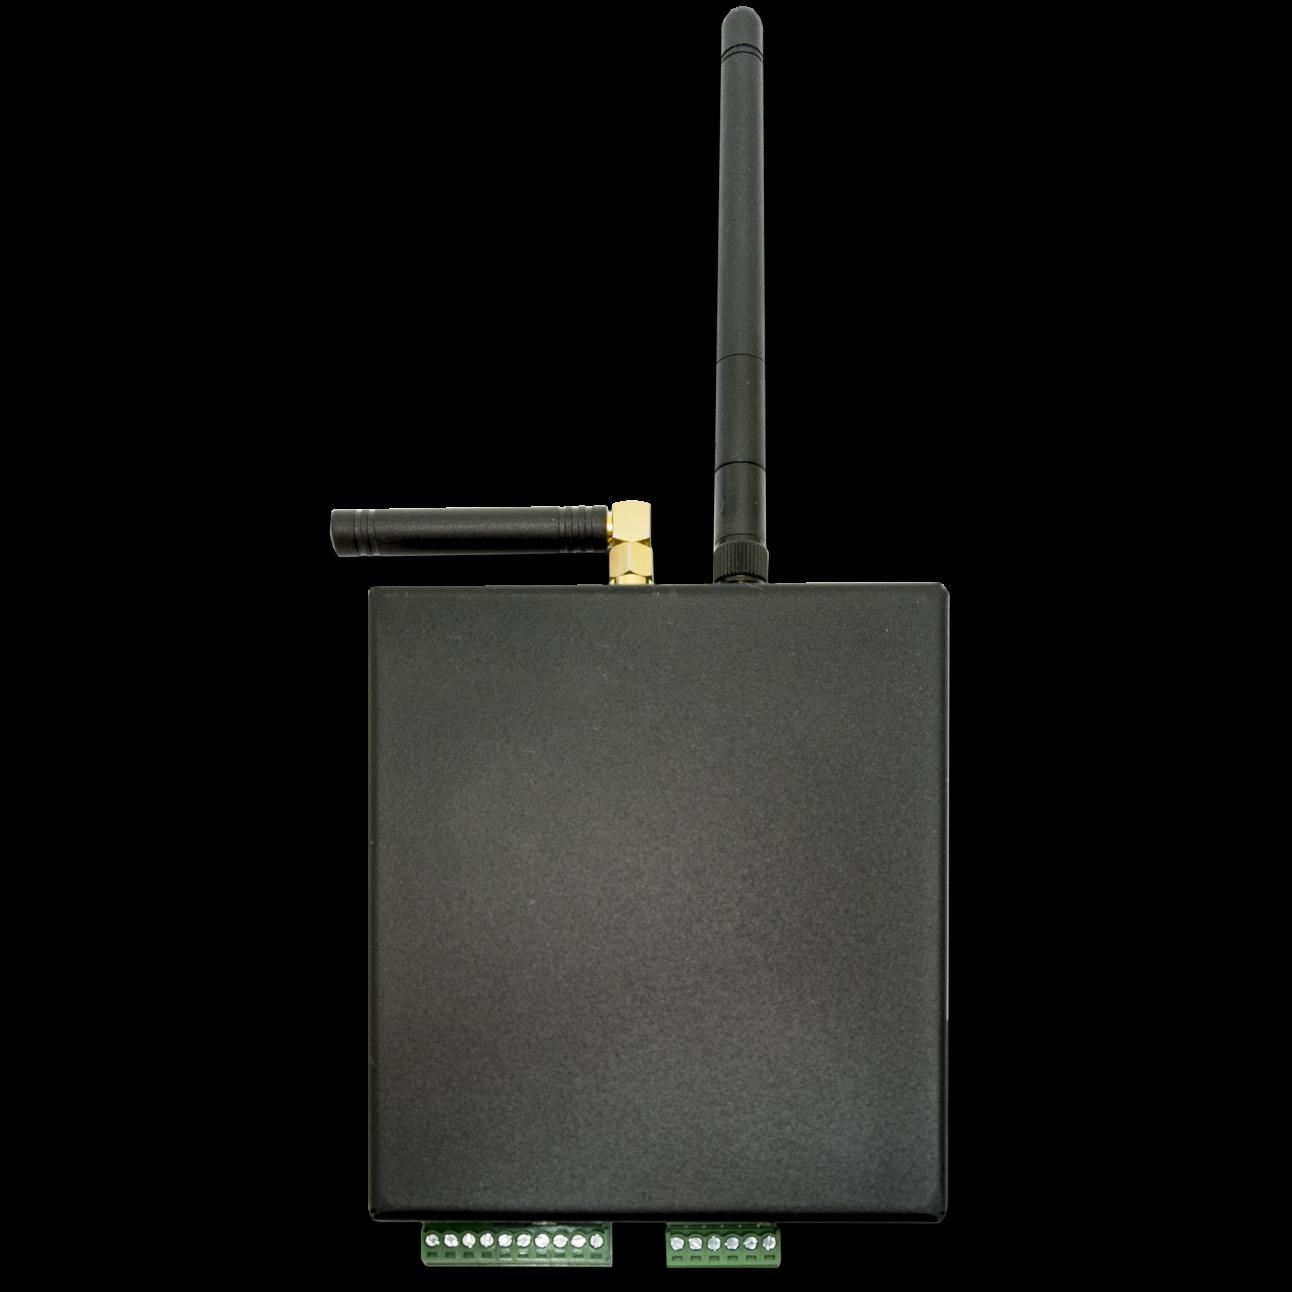 Устройство удалённого контроля и управления SNR-ERD-PROject, RS232/485, IO7, RF